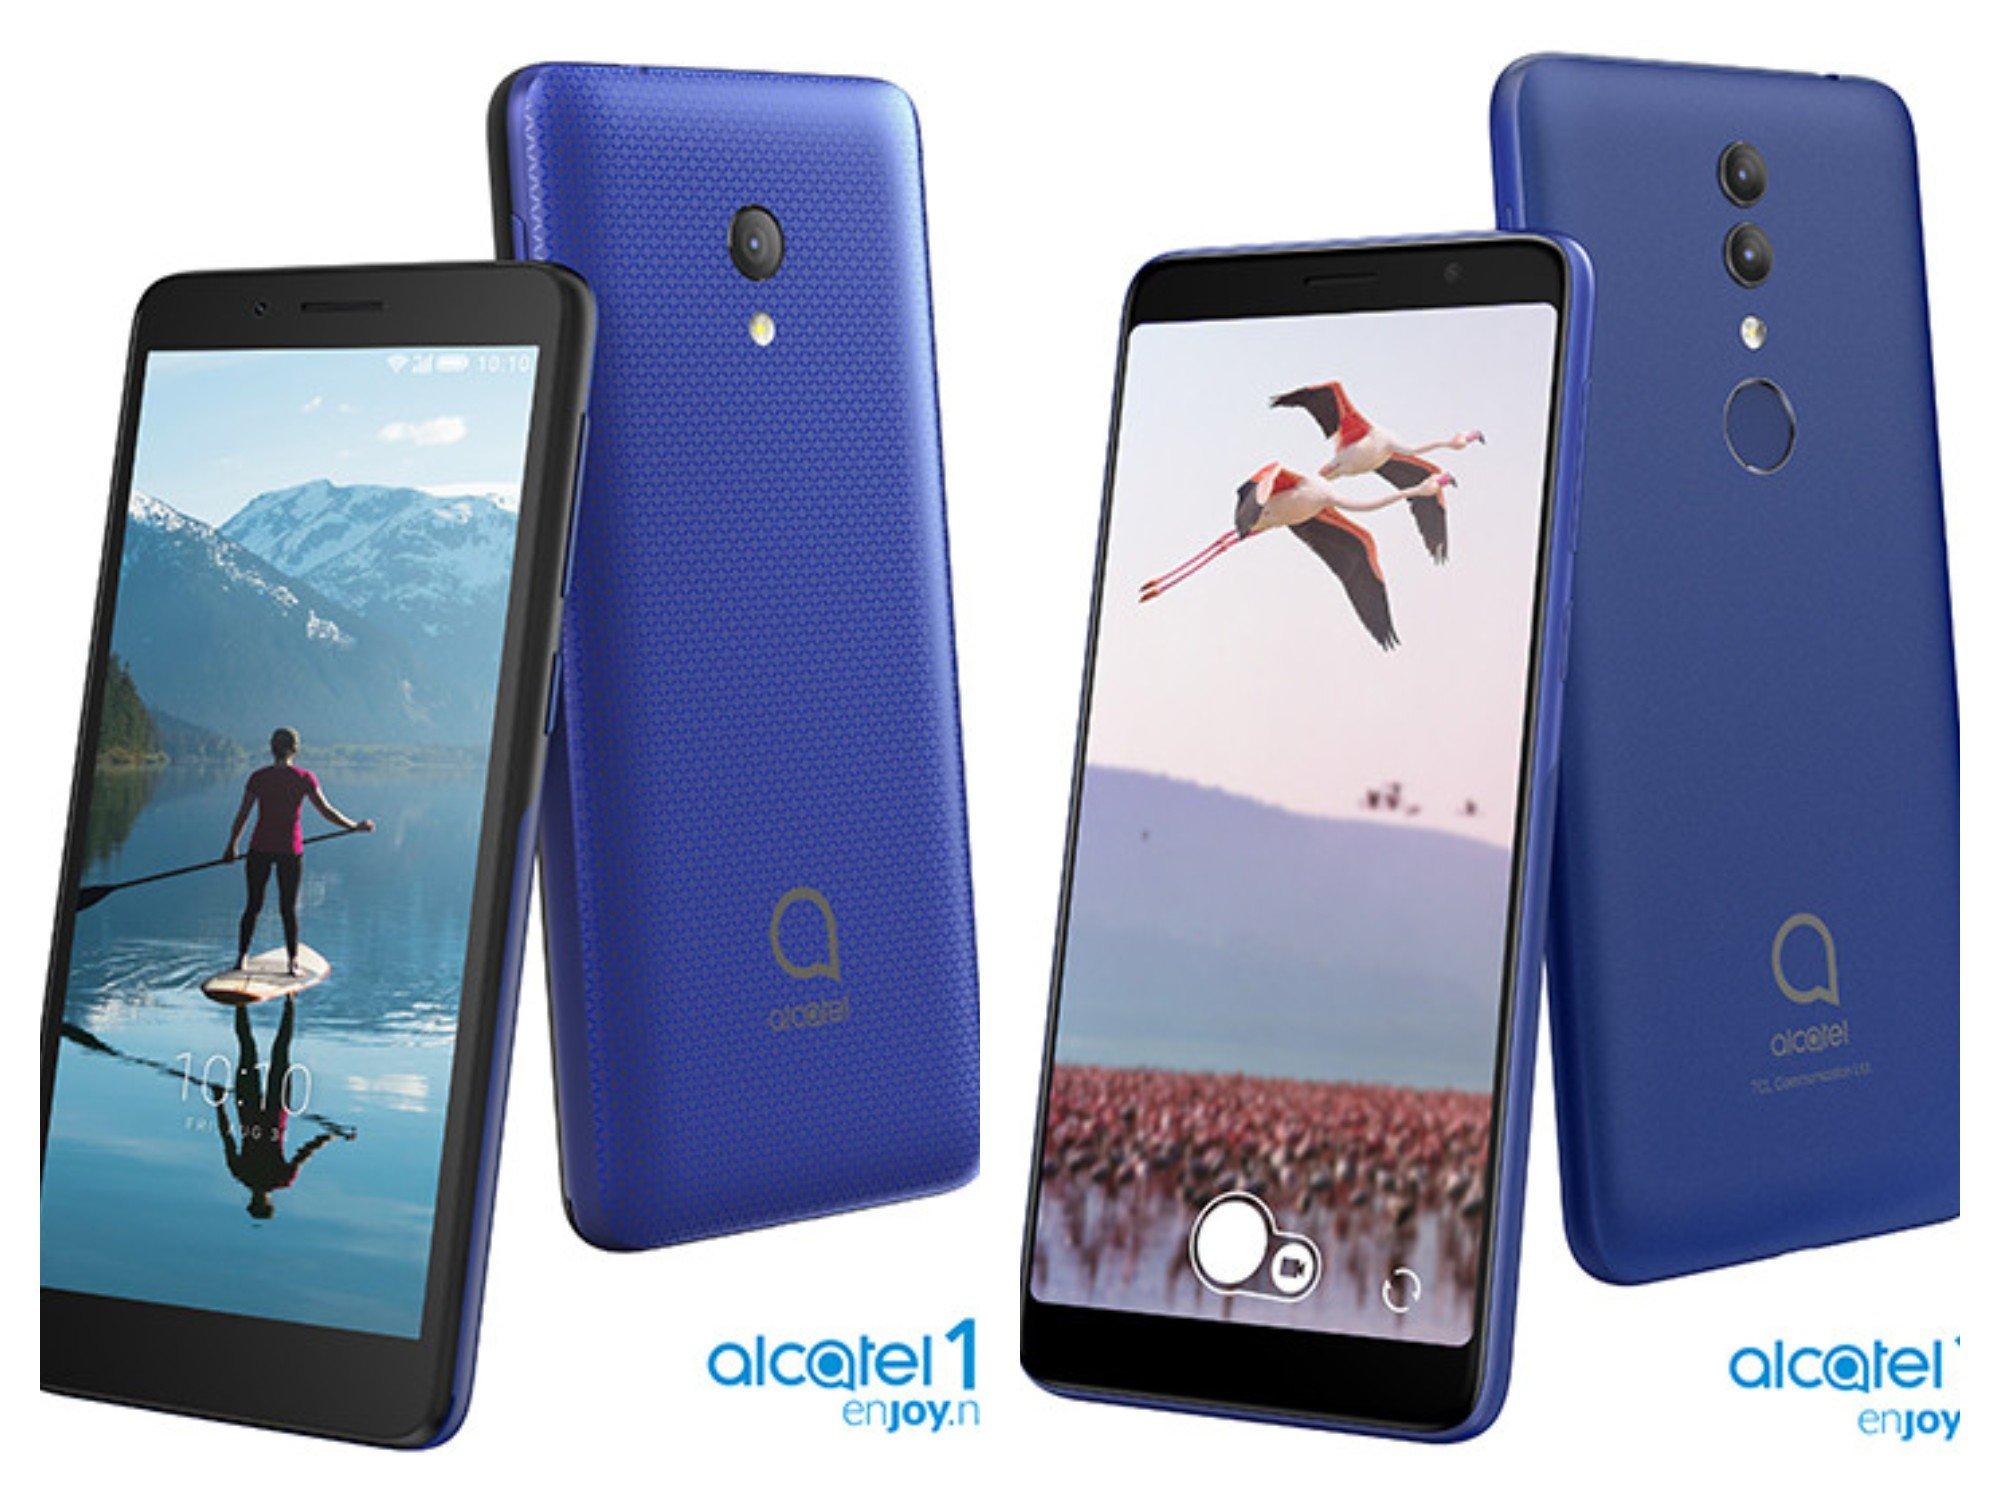 58b042965f217 В России стартовали продажи бюджетного смартфона Alcatel 1x c NFC и  разблокировкой по лицу